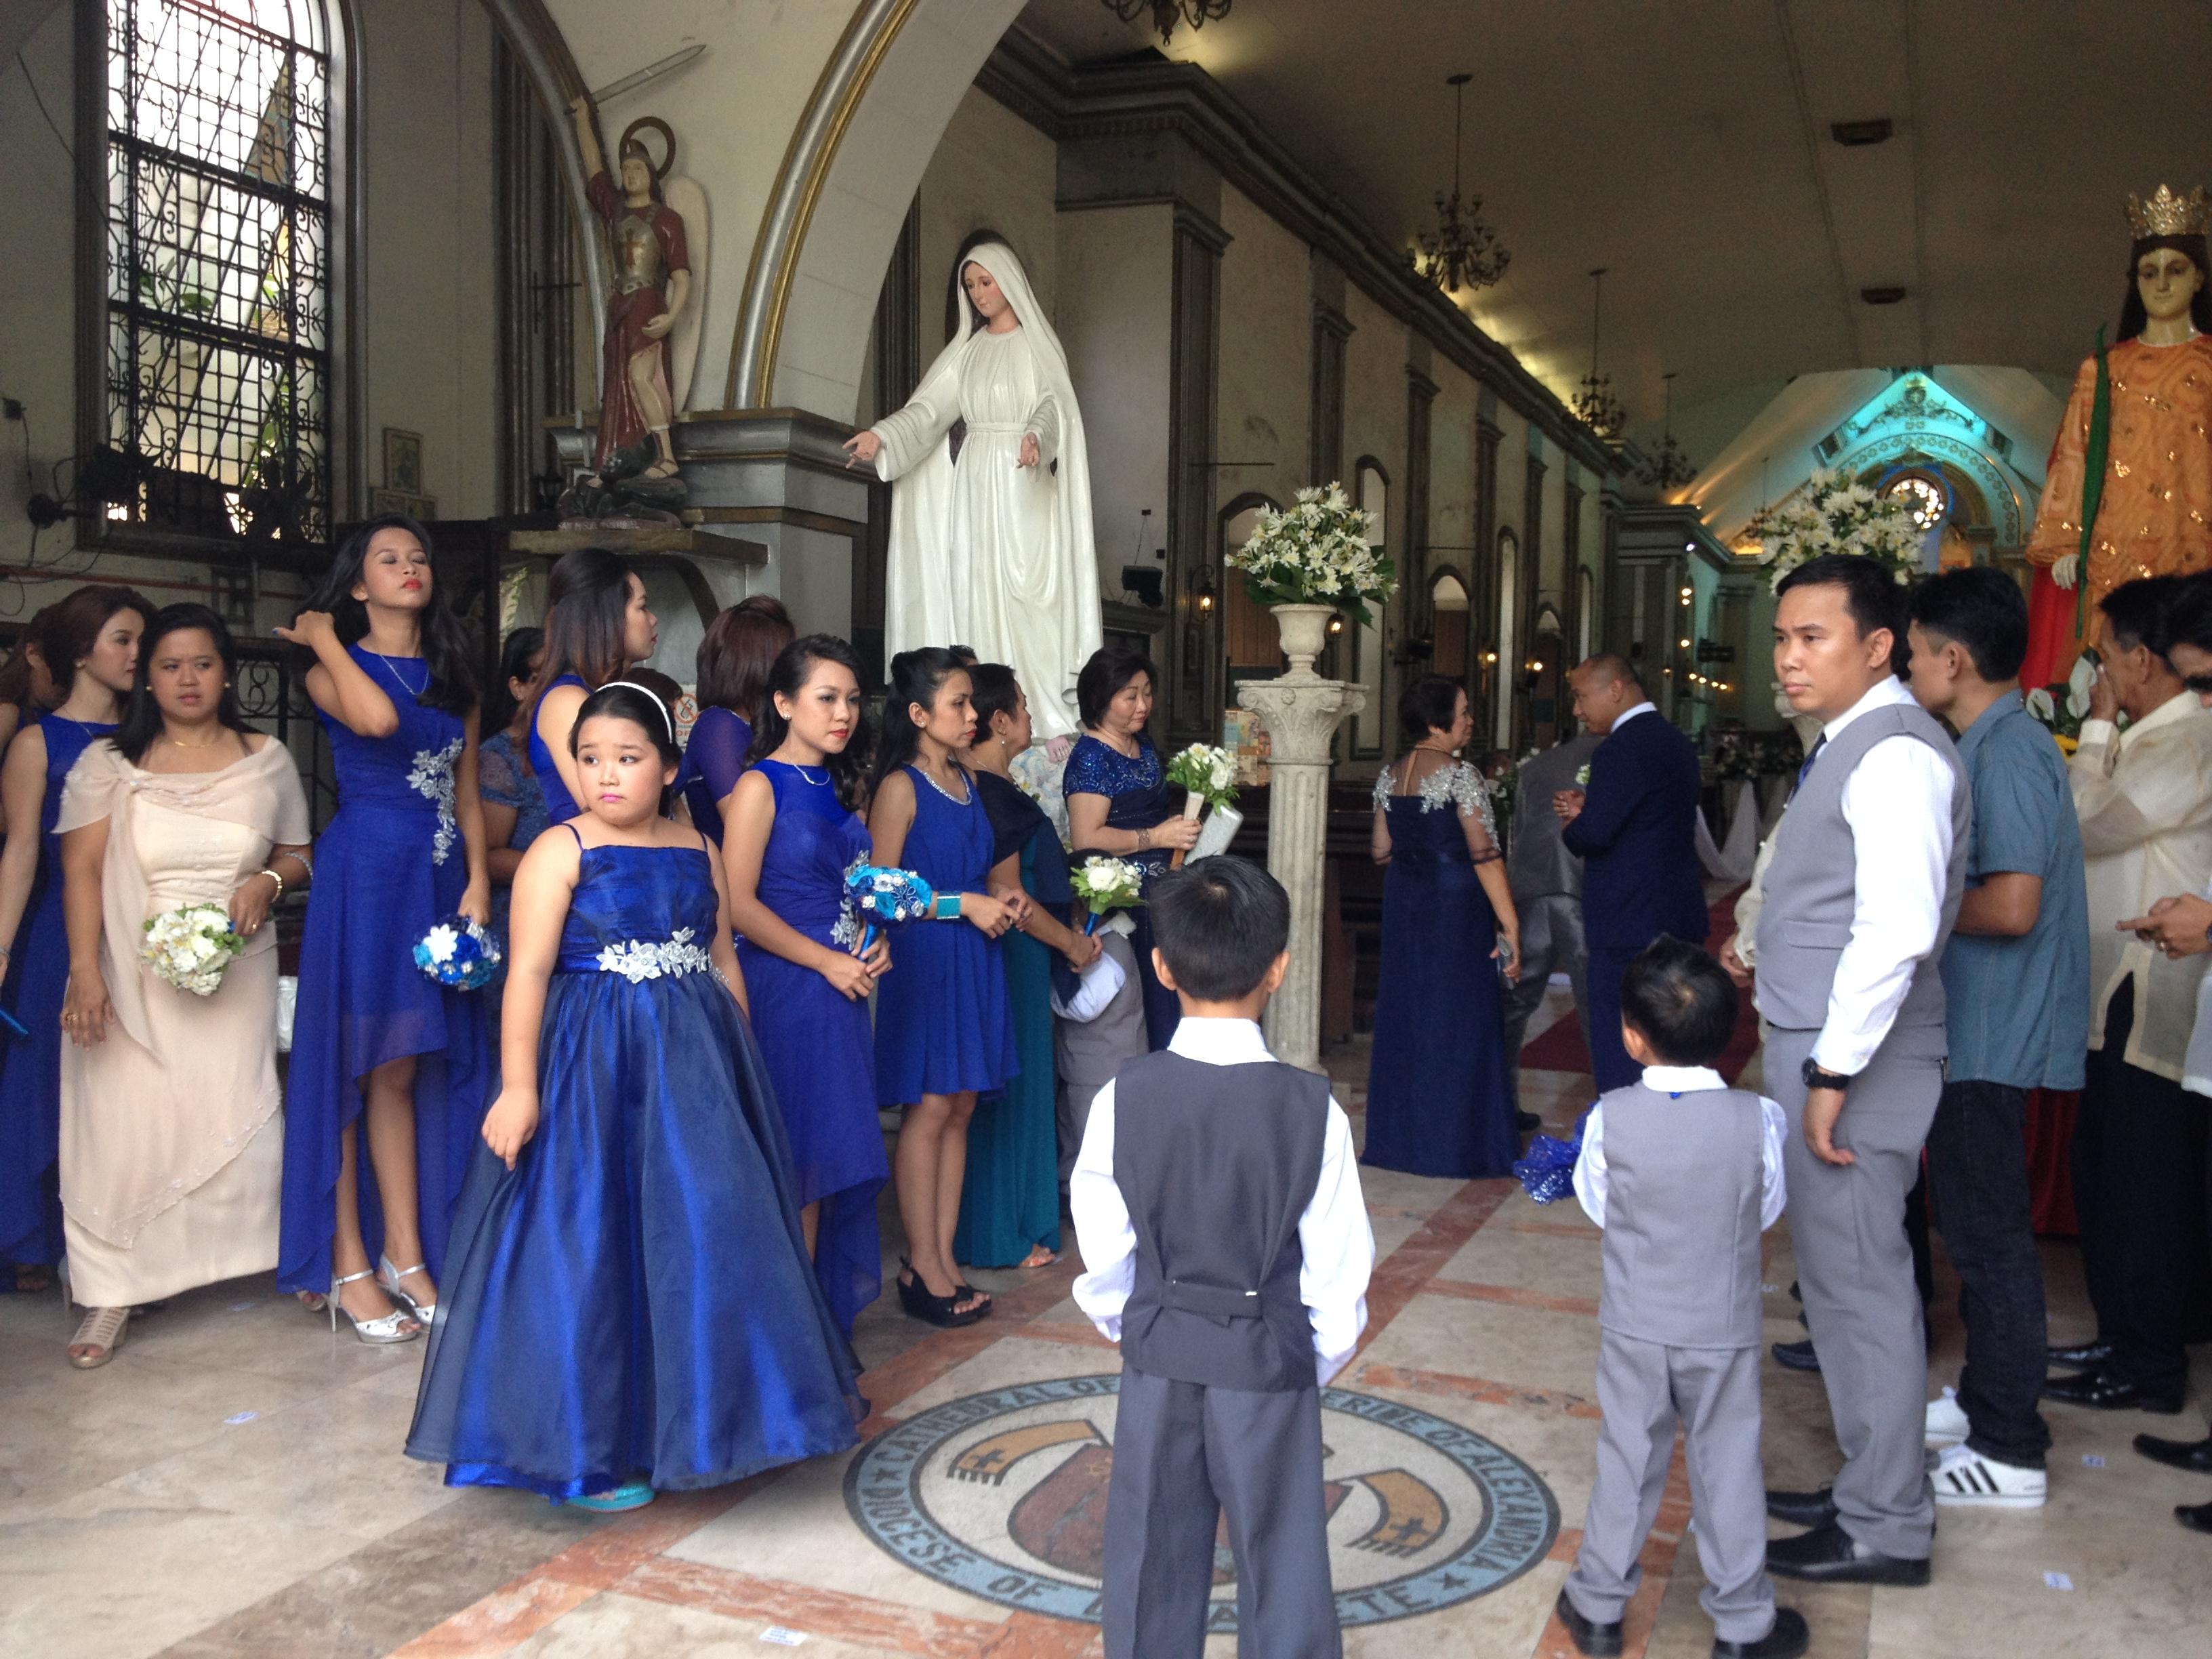 Gli ospiti aspettano la sposa ad un matrimonio nella cattedrale di Dumaguete.